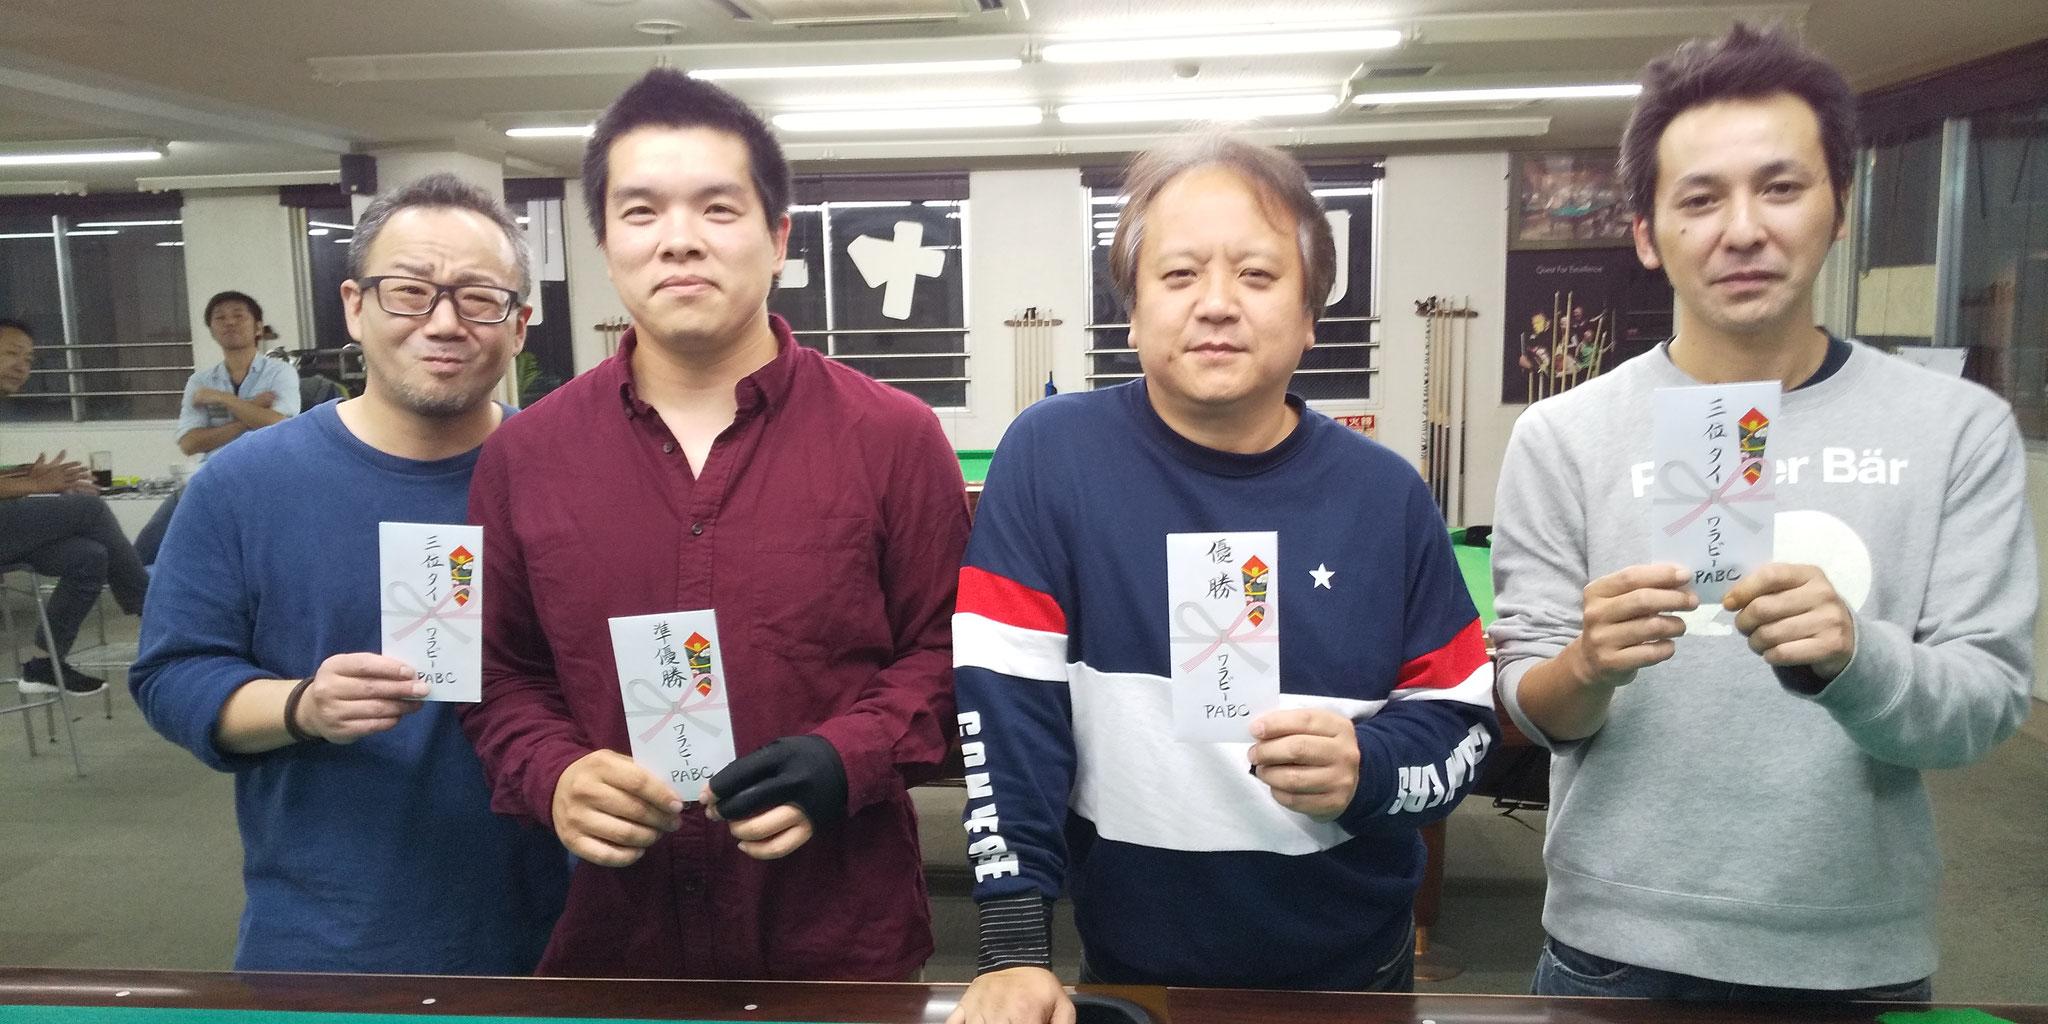 永藤君(3) 稲田さん(2) 山川プロ(1) 佐藤さん(3)